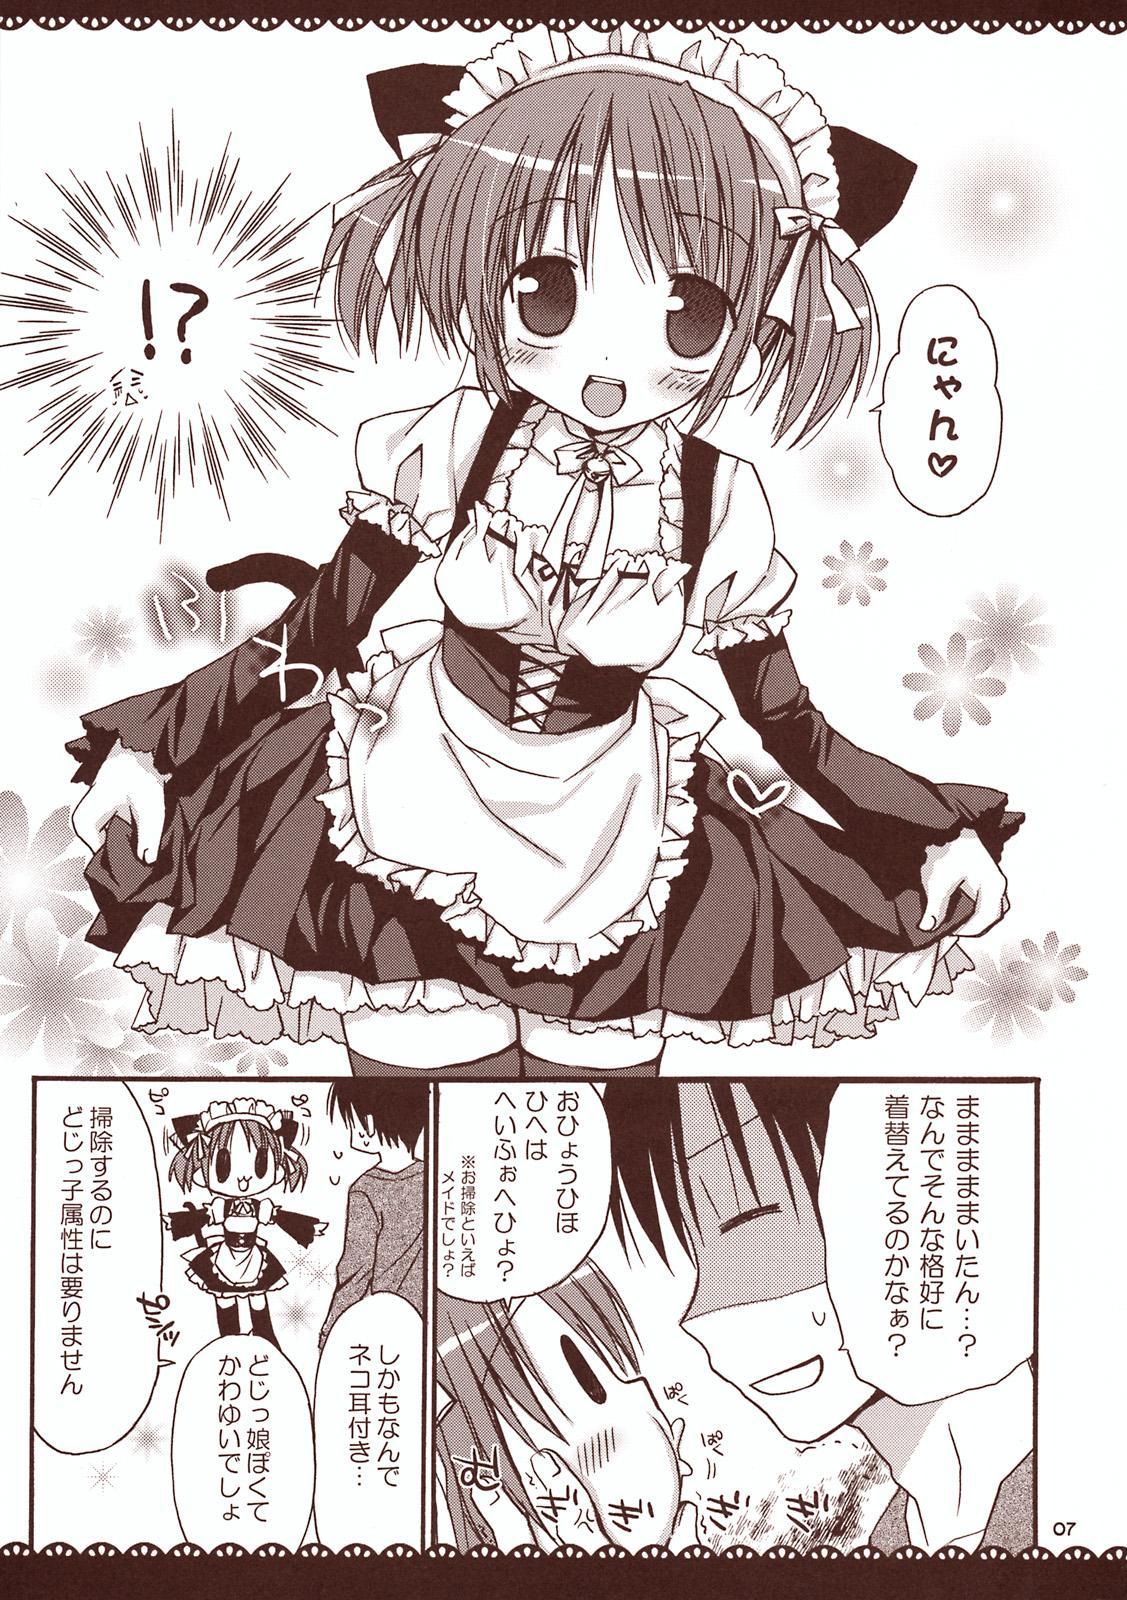 Maid-san to Amai Jikan 5